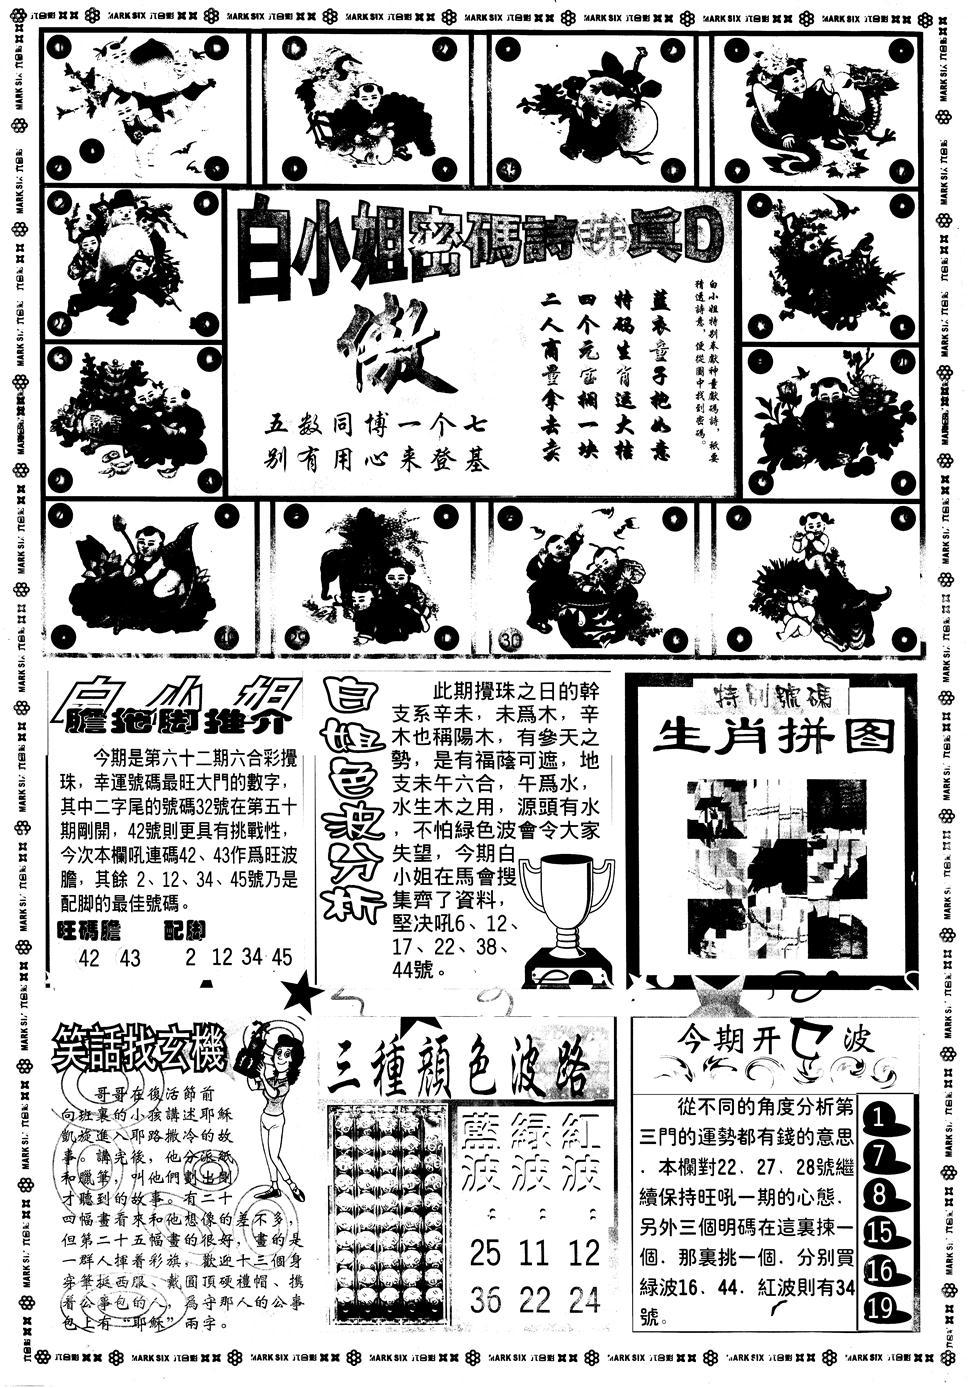 062期另版白姐旗袍B(黑白)